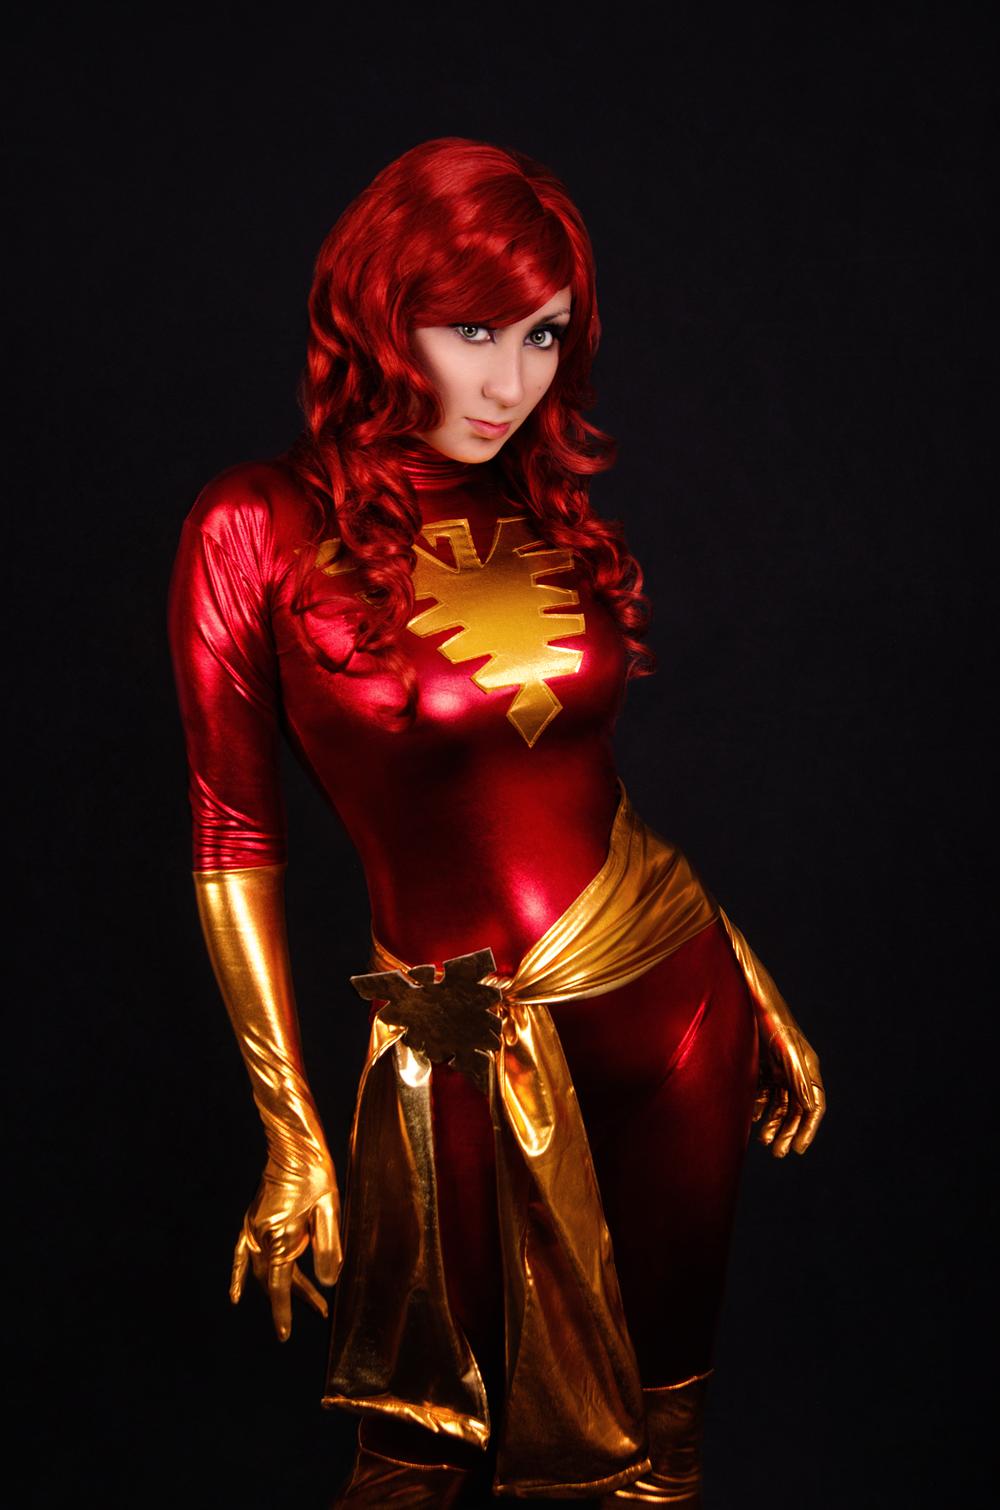 Phoenix by PsyFrostCosplay | Photo by Sgambolati